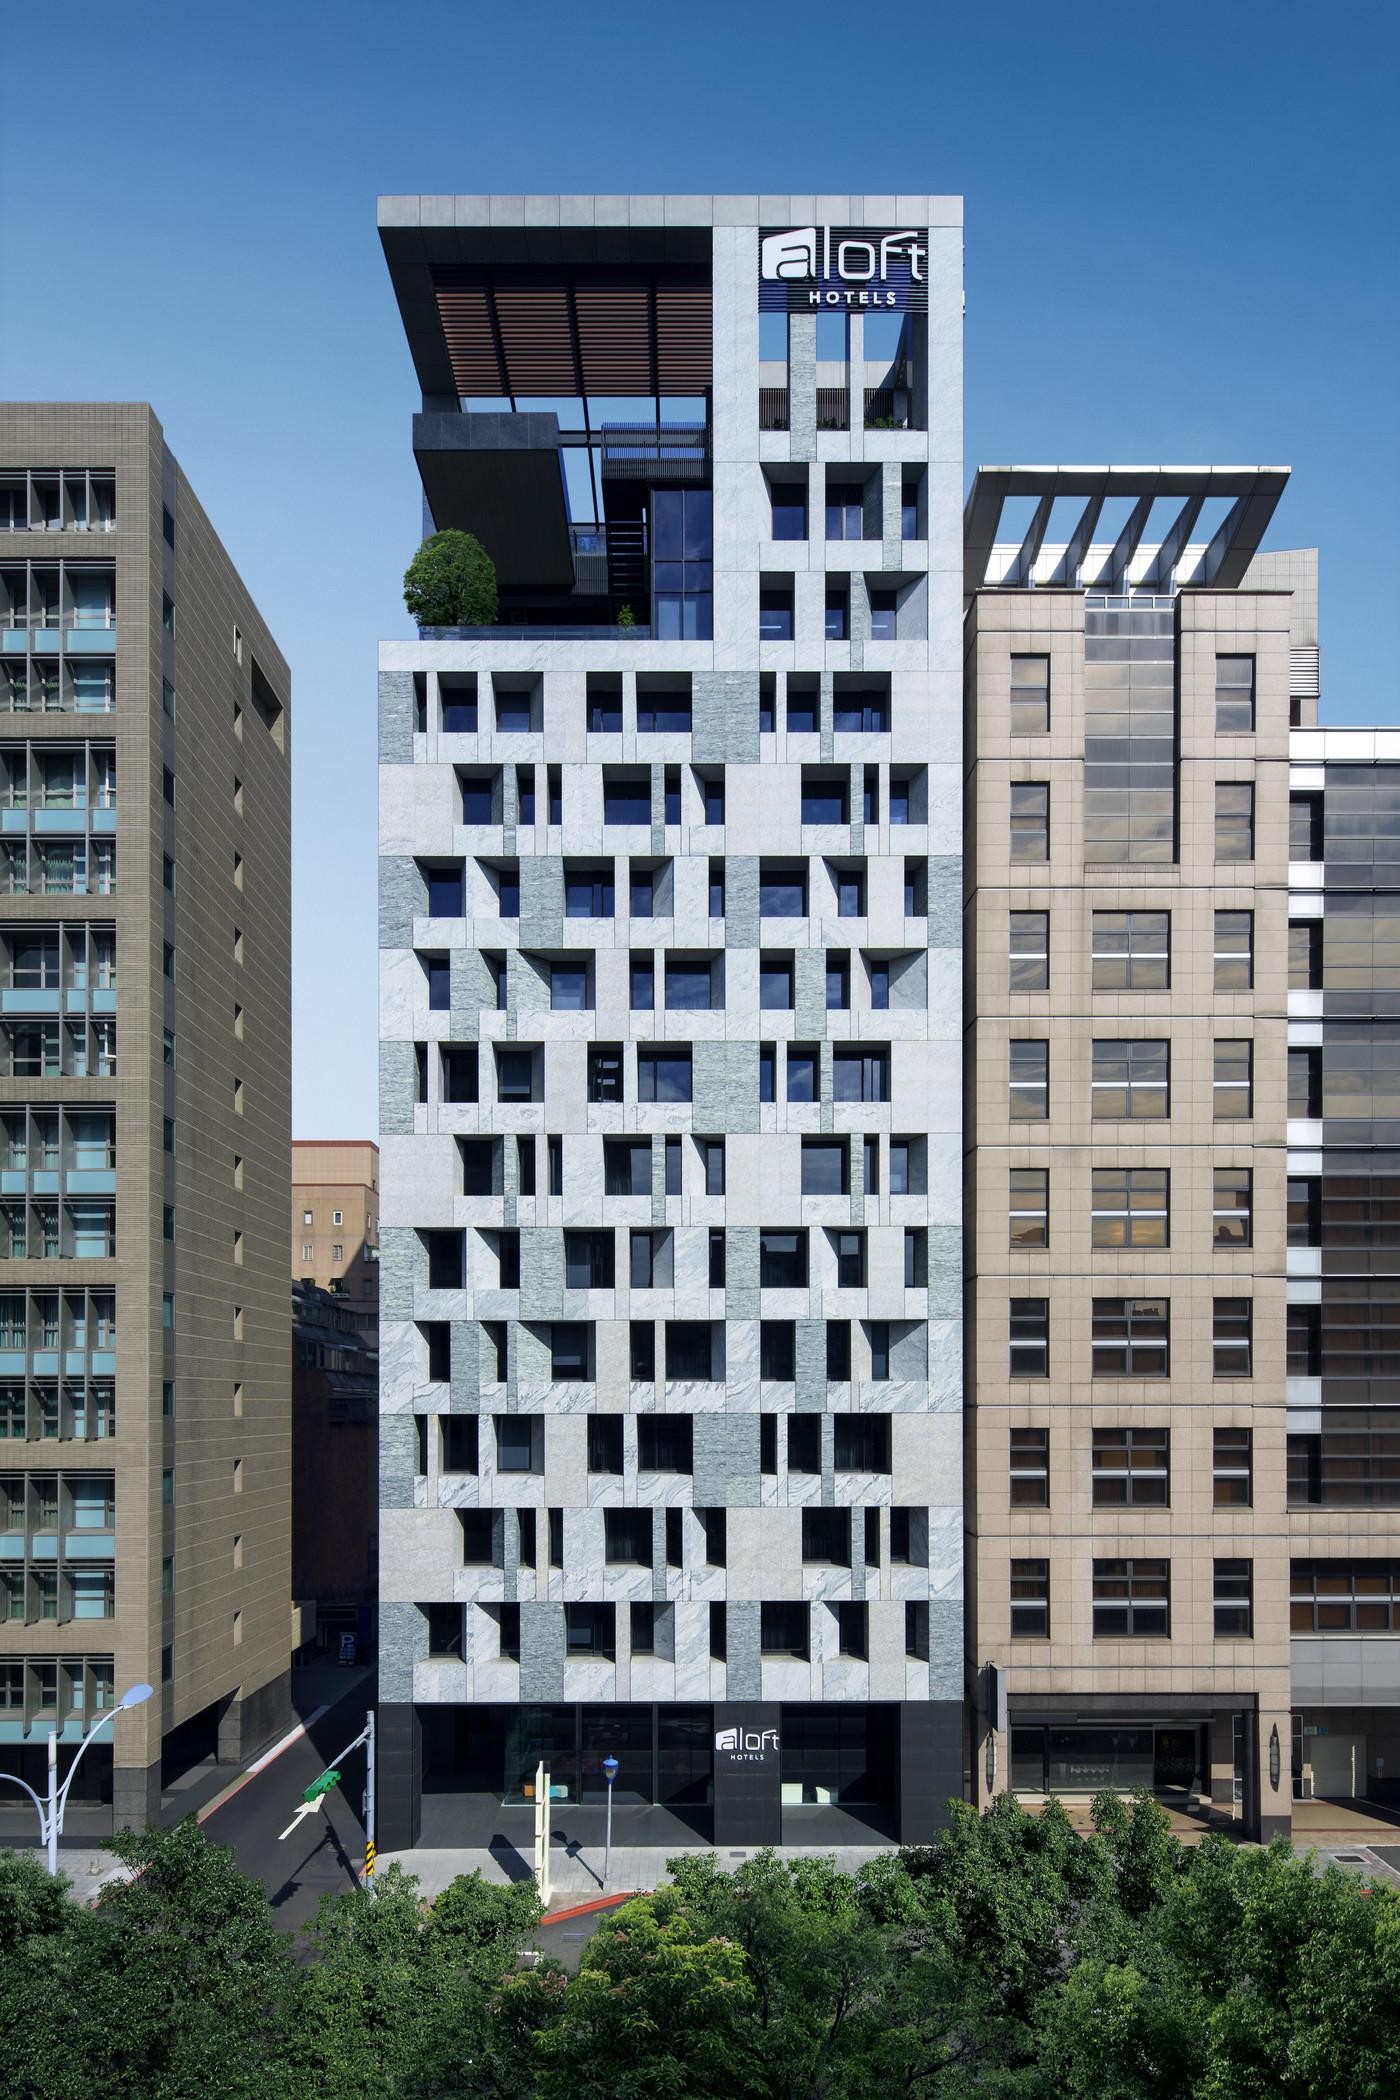 台北中山雅乐轩酒店外观与公共空间设计出自于李天铎鬼才设计师之手